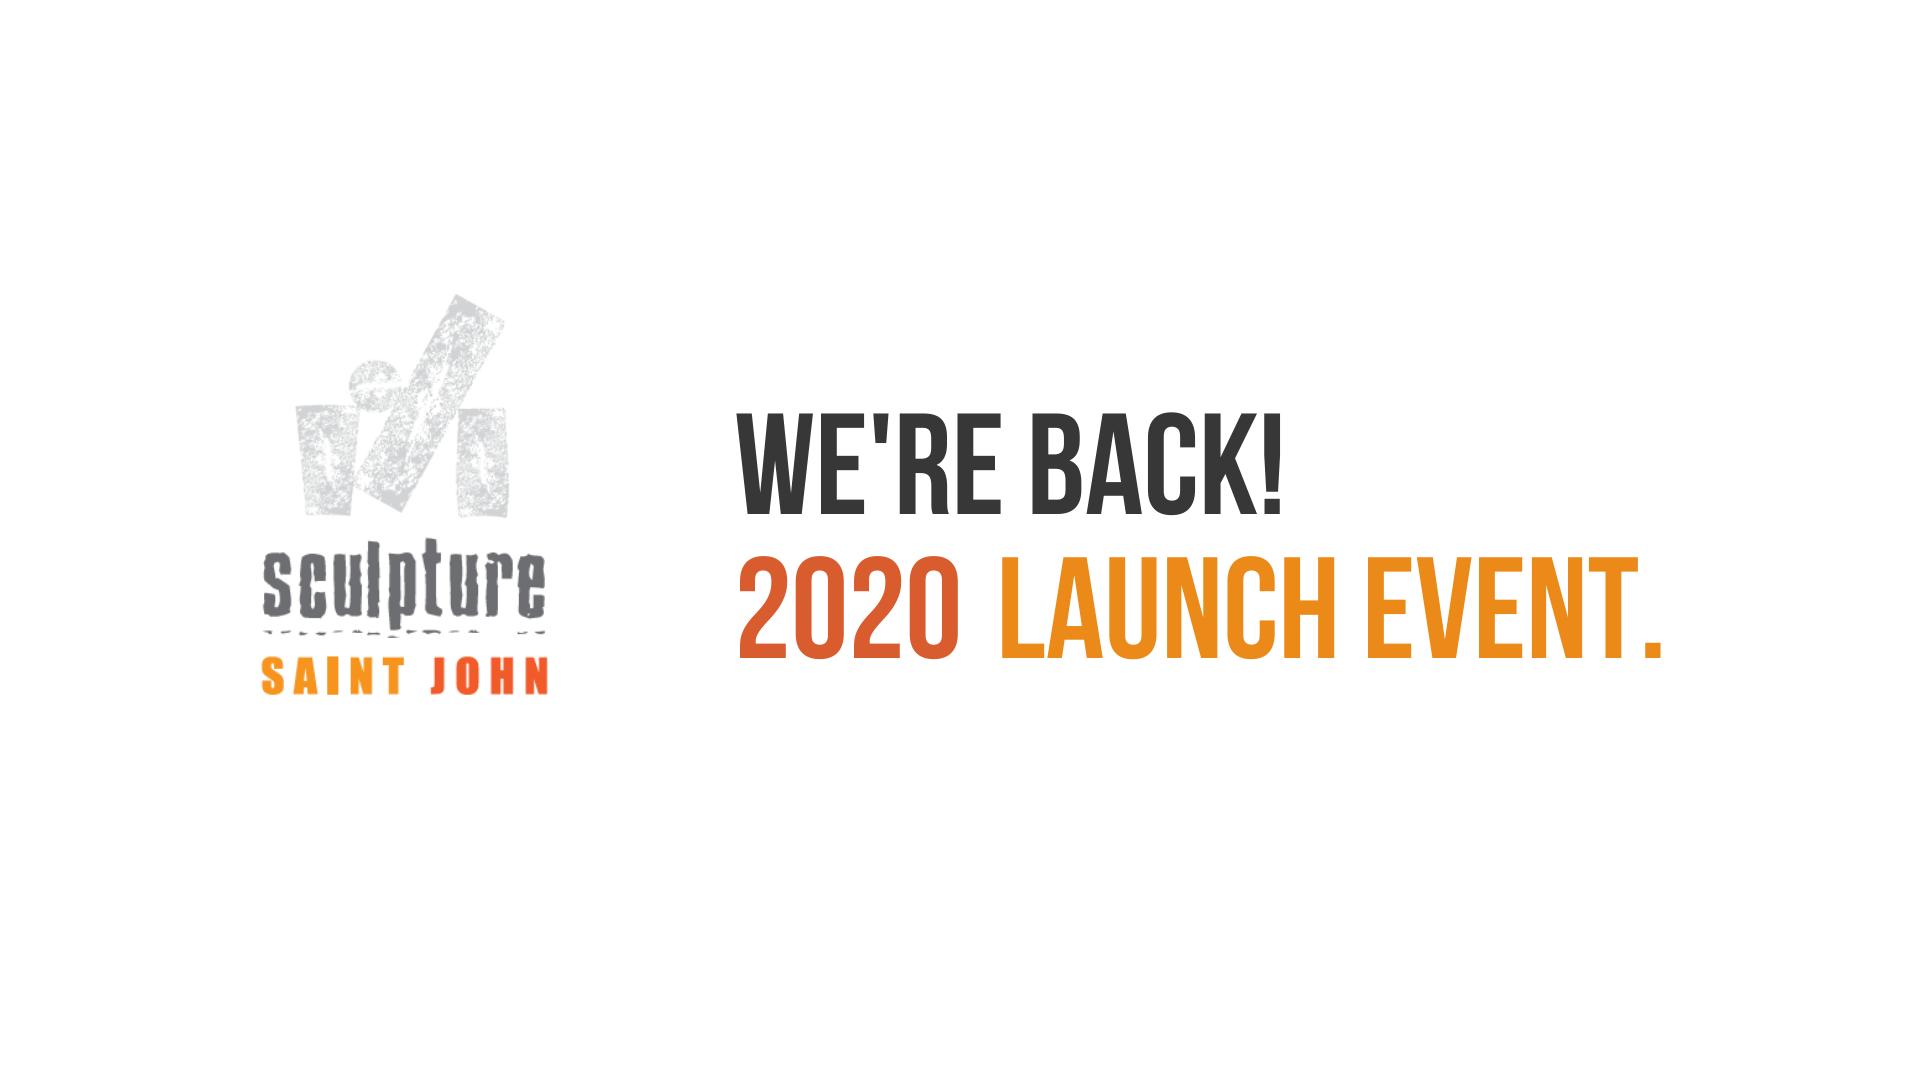 Sculpture Saint John 2020 Launch